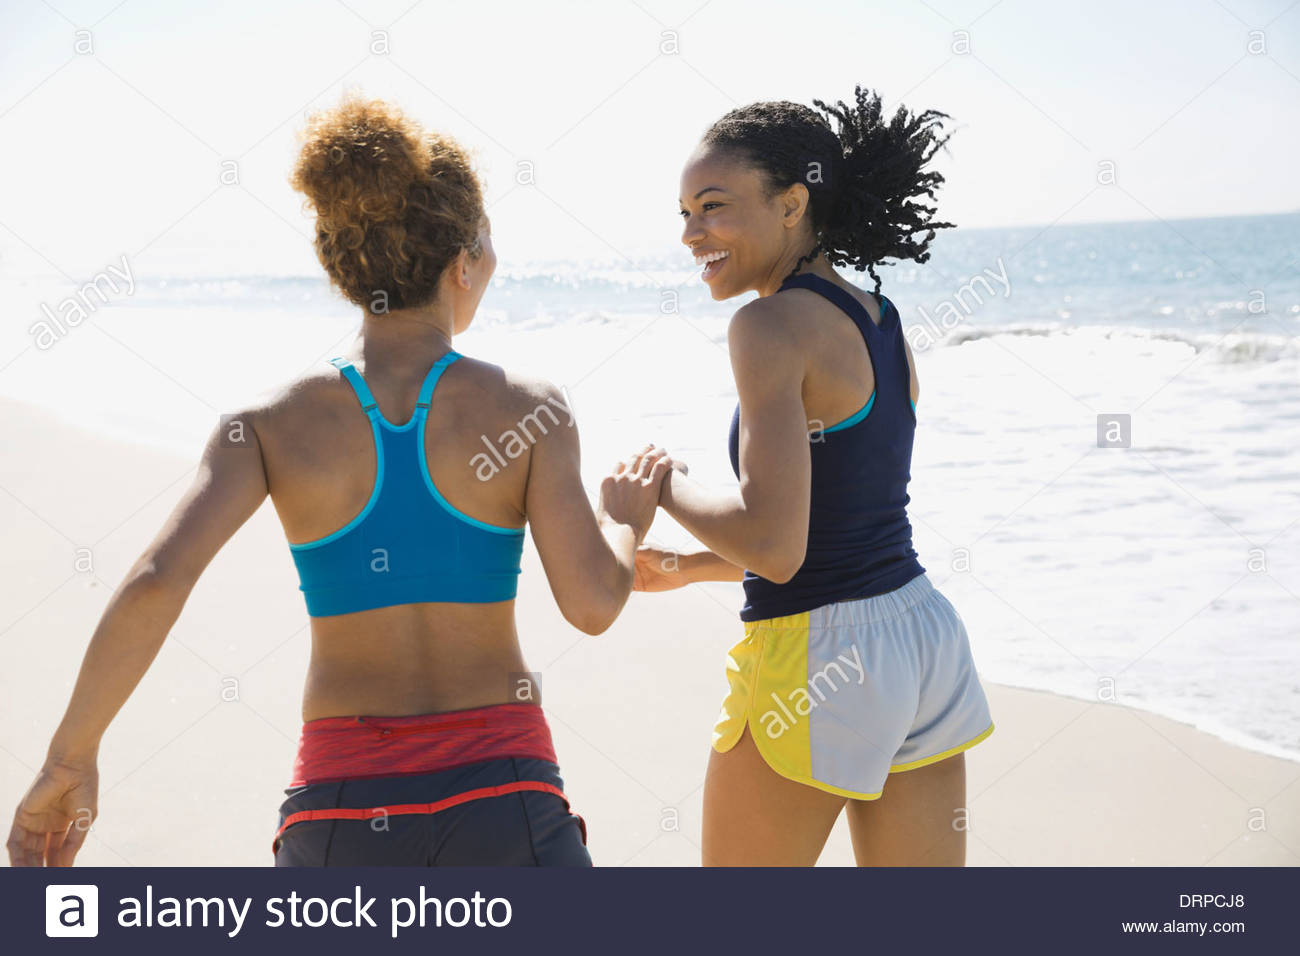 Freundinnen am Strand joggen Stockbild